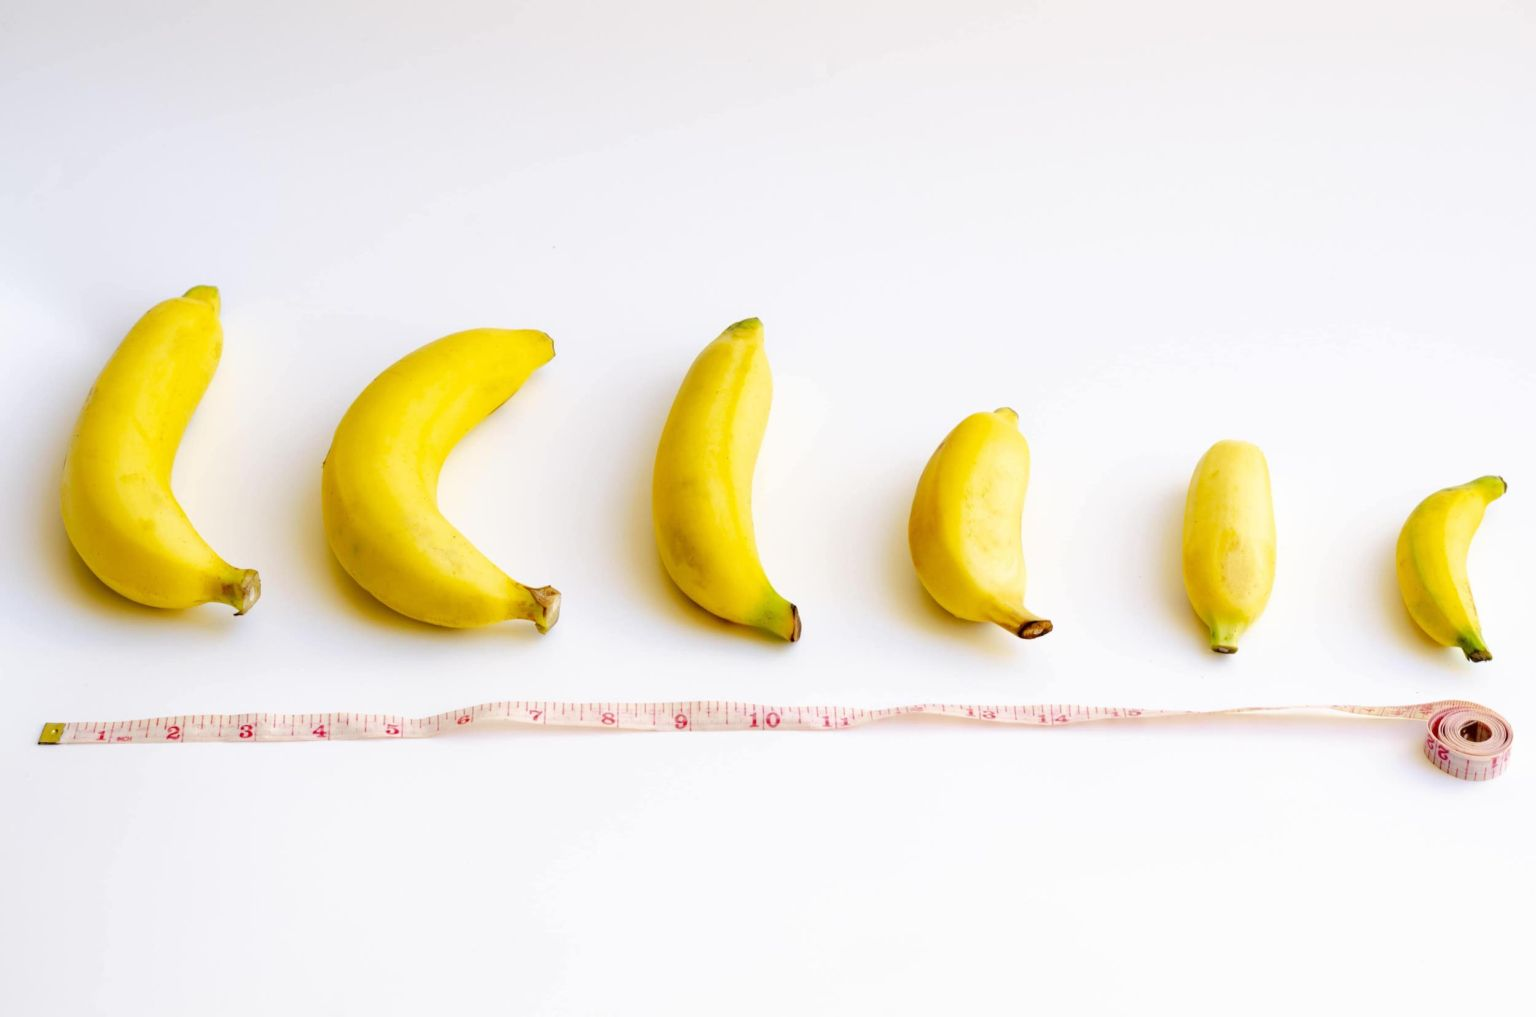 Пенисы разных размеров